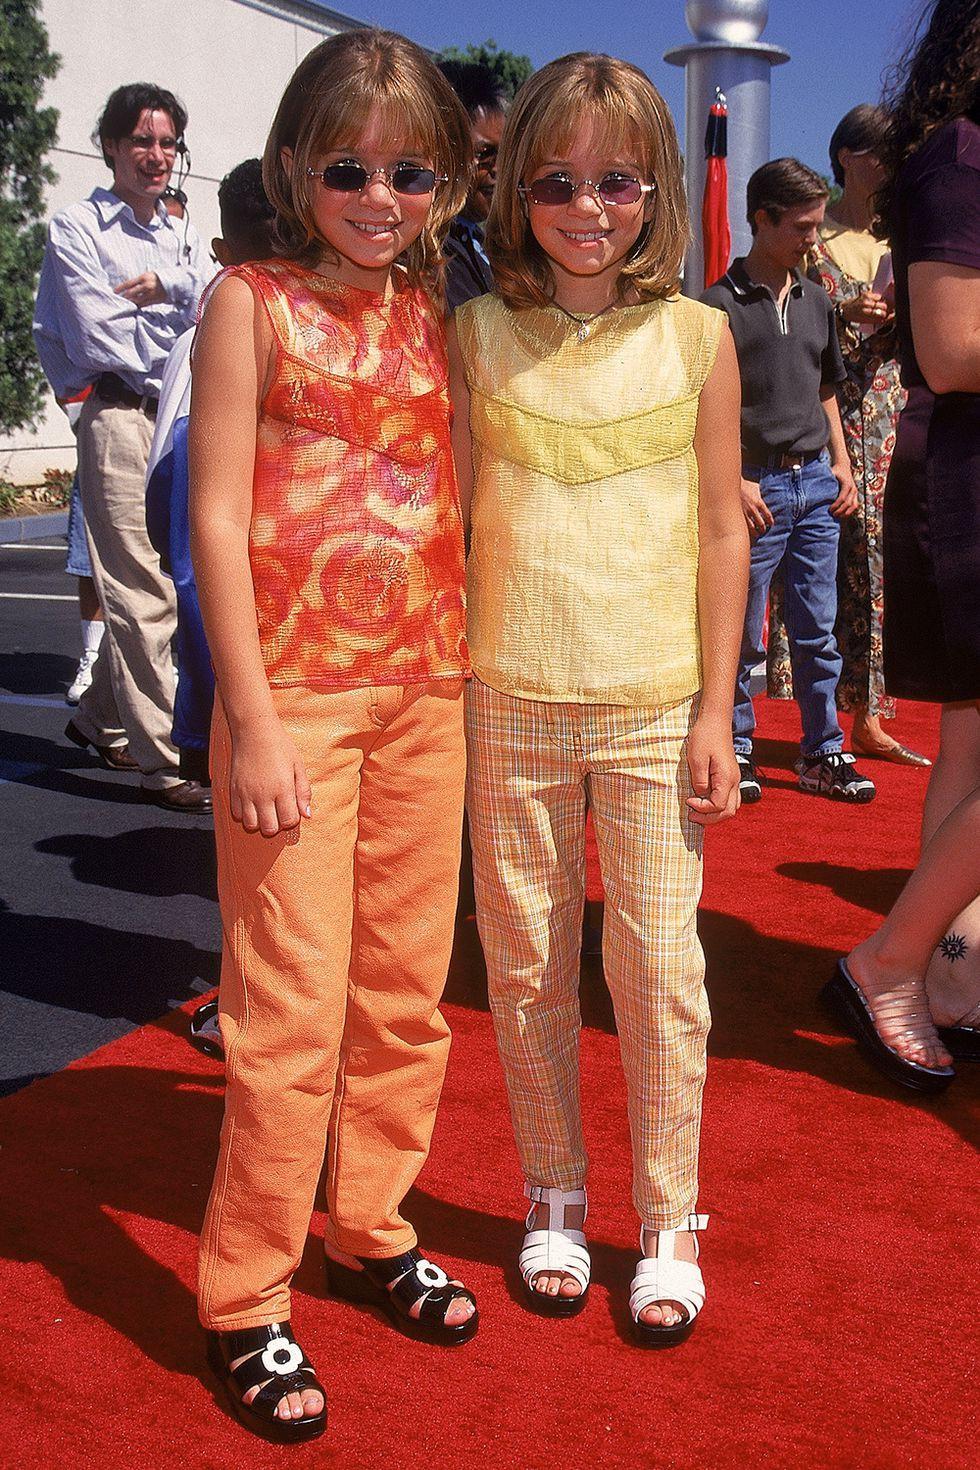 Cặp chị em sinh đôi Mary-Kate và Ashley Olsen luôn là biểu tượng thời trang đáng ngưỡng mộ của Hollywood. Và khoảnh khắc được chụp vào năm 1997 cho thấy từ nhỏ, hai chị em đã sở hữu gu thời trang và thần thái hơn người trong bộ đồ lấp lánh, nổi bật với cặp kính mắt sành điệu.